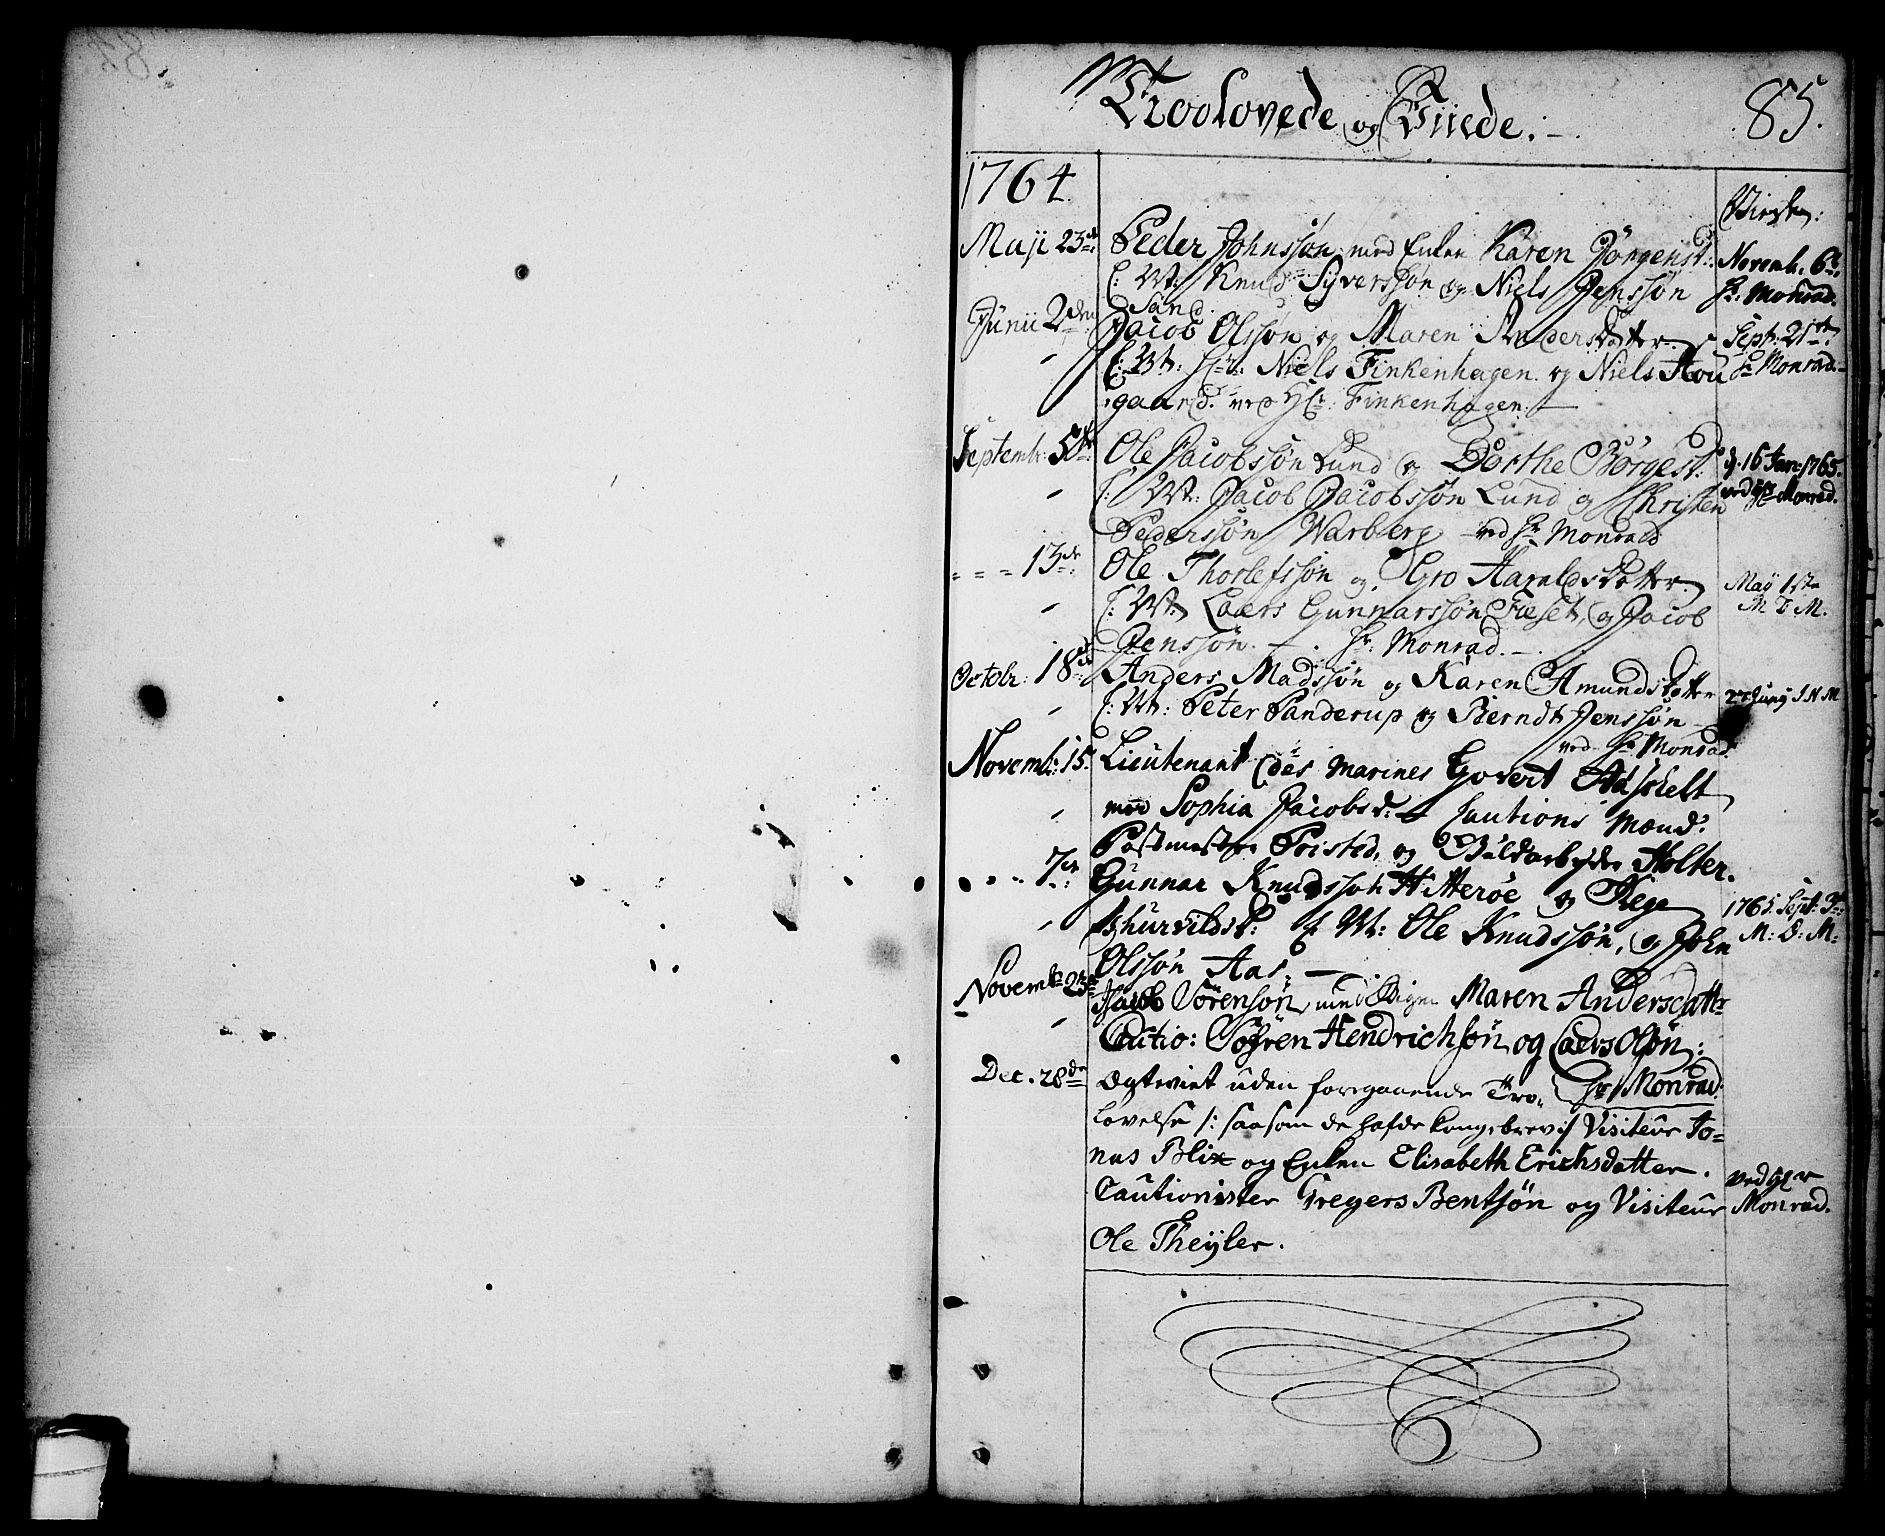 SAKO, Brevik kirkebøker, F/Fa/L0003: Ministerialbok nr. 3, 1764-1814, s. 85